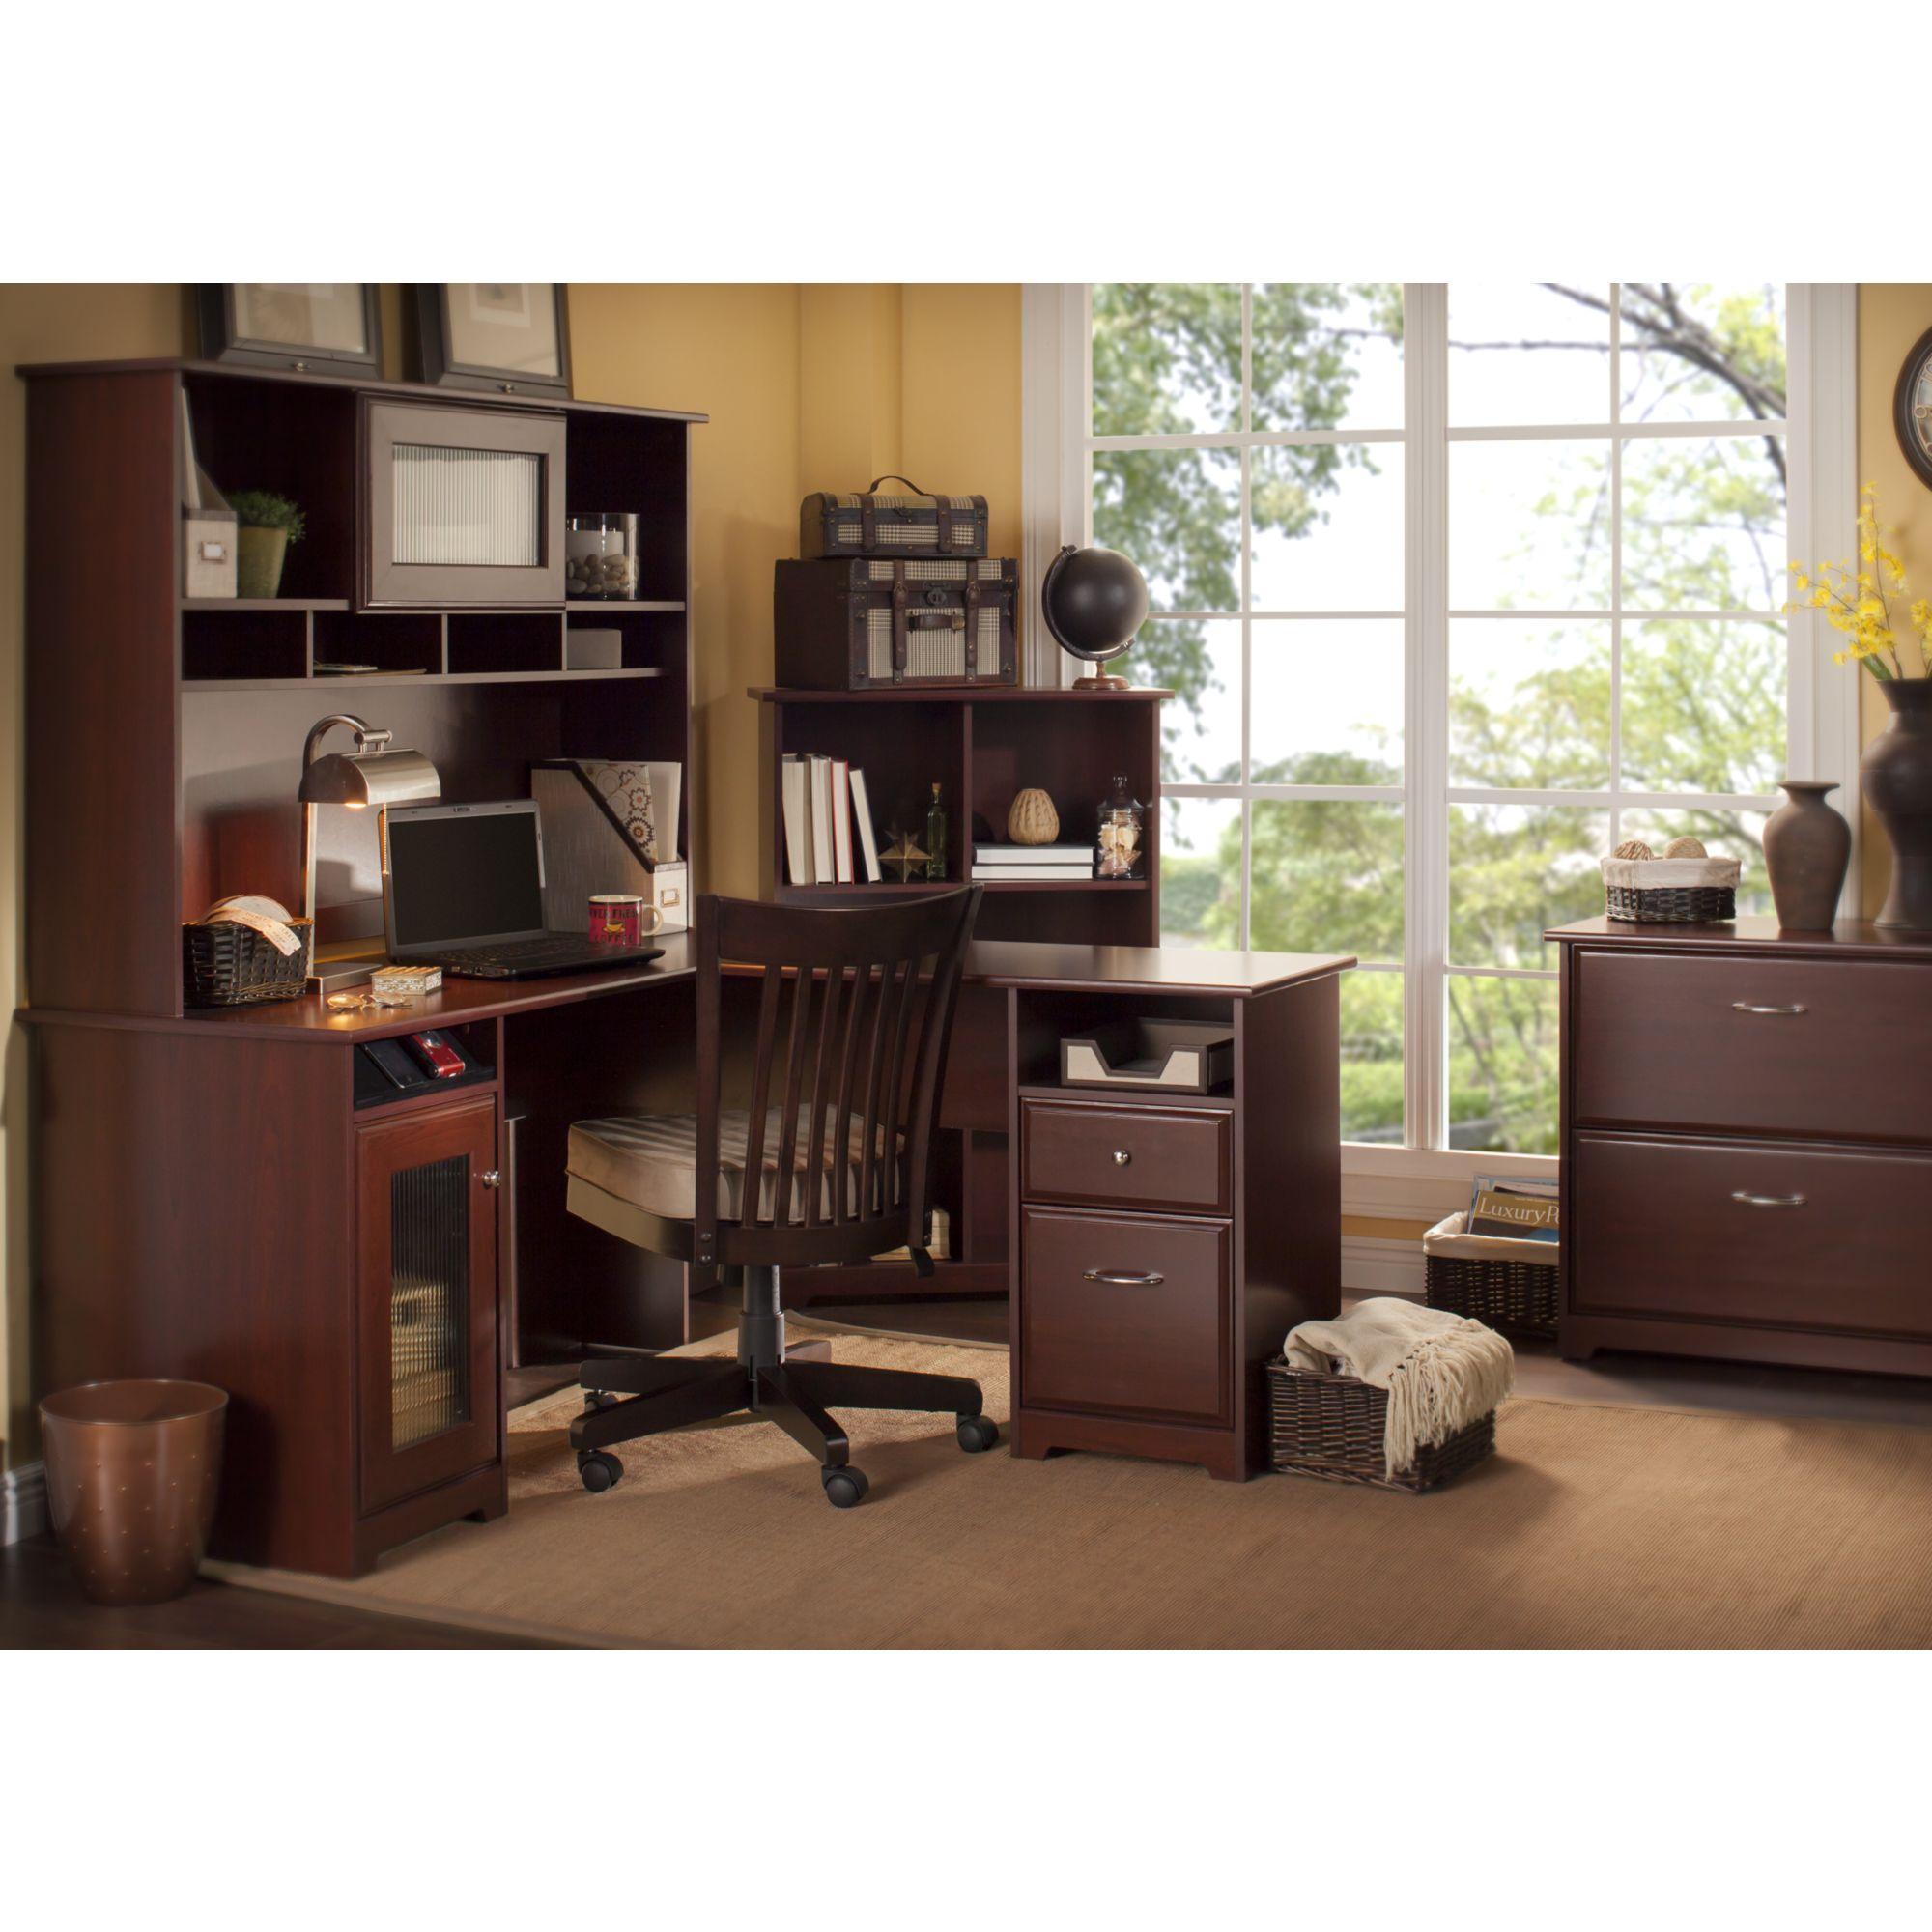 Amazon Com Cabot L Shaped Desk With Hutch In Espresso Oak